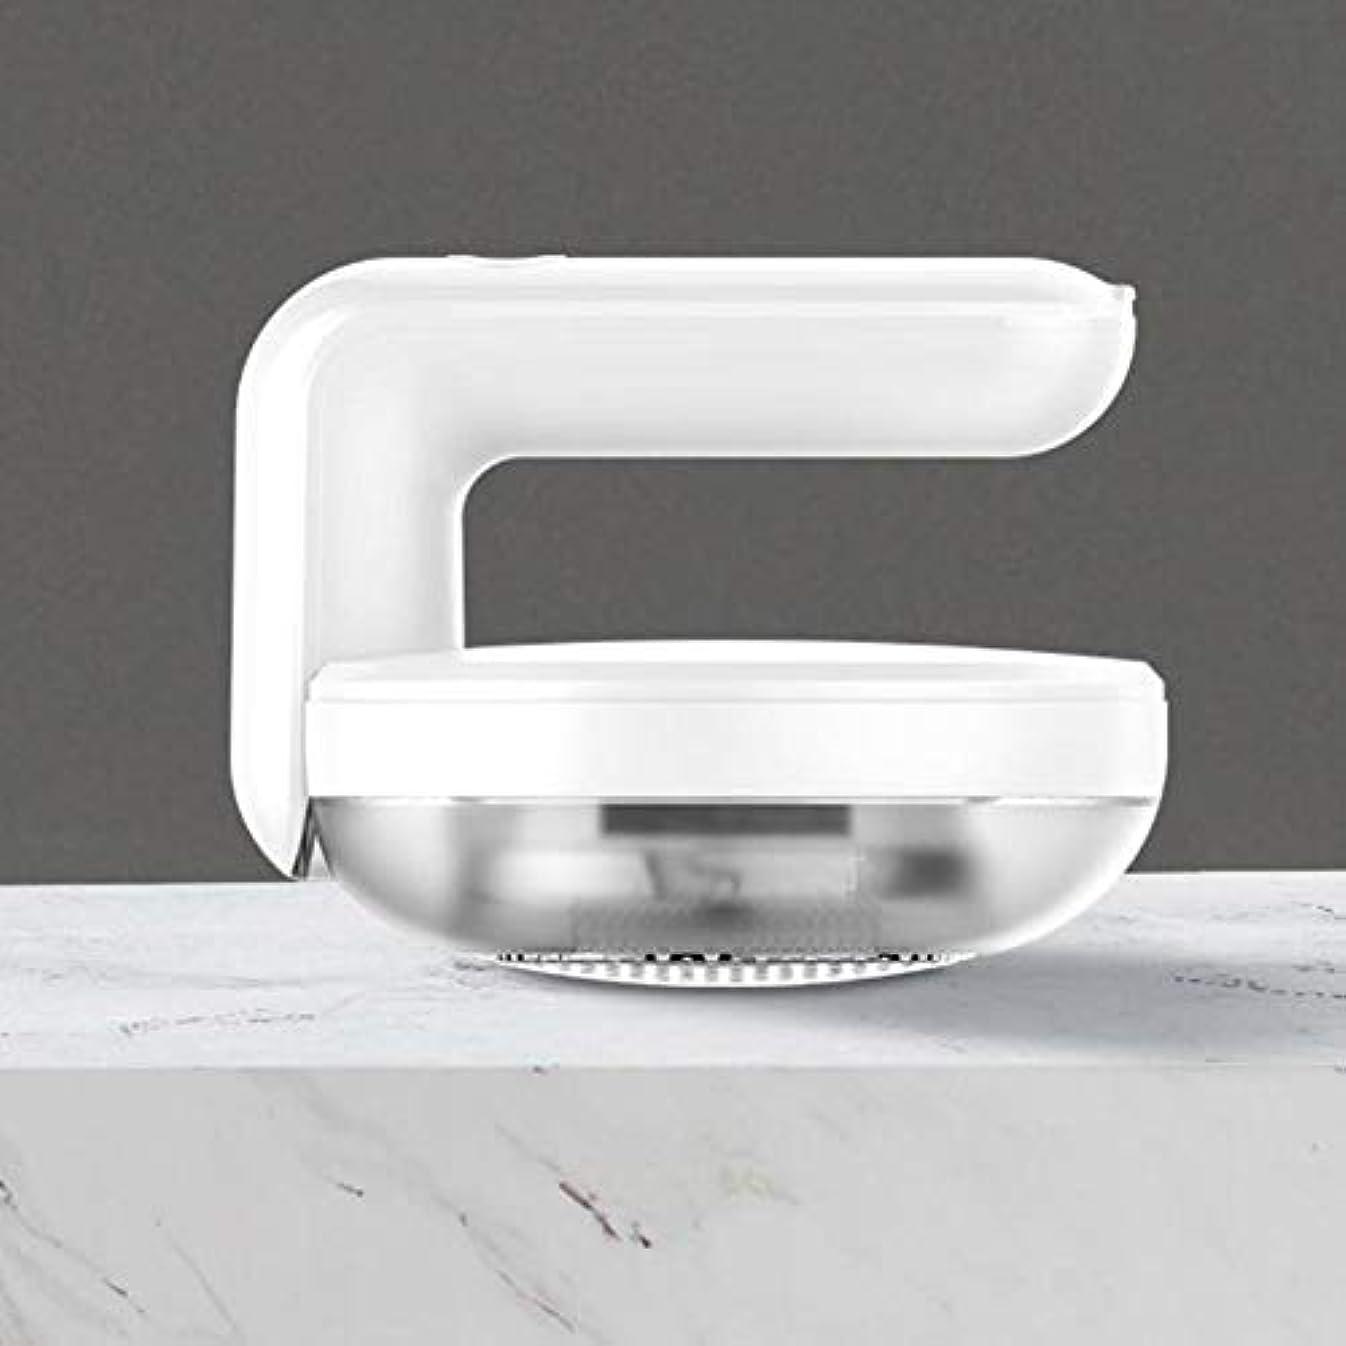 ヘロインボットアクティブ毛玉取り器 毛玉カット 電動 毛玉取り機 USB充電式 6枚刃モデル 高速回転